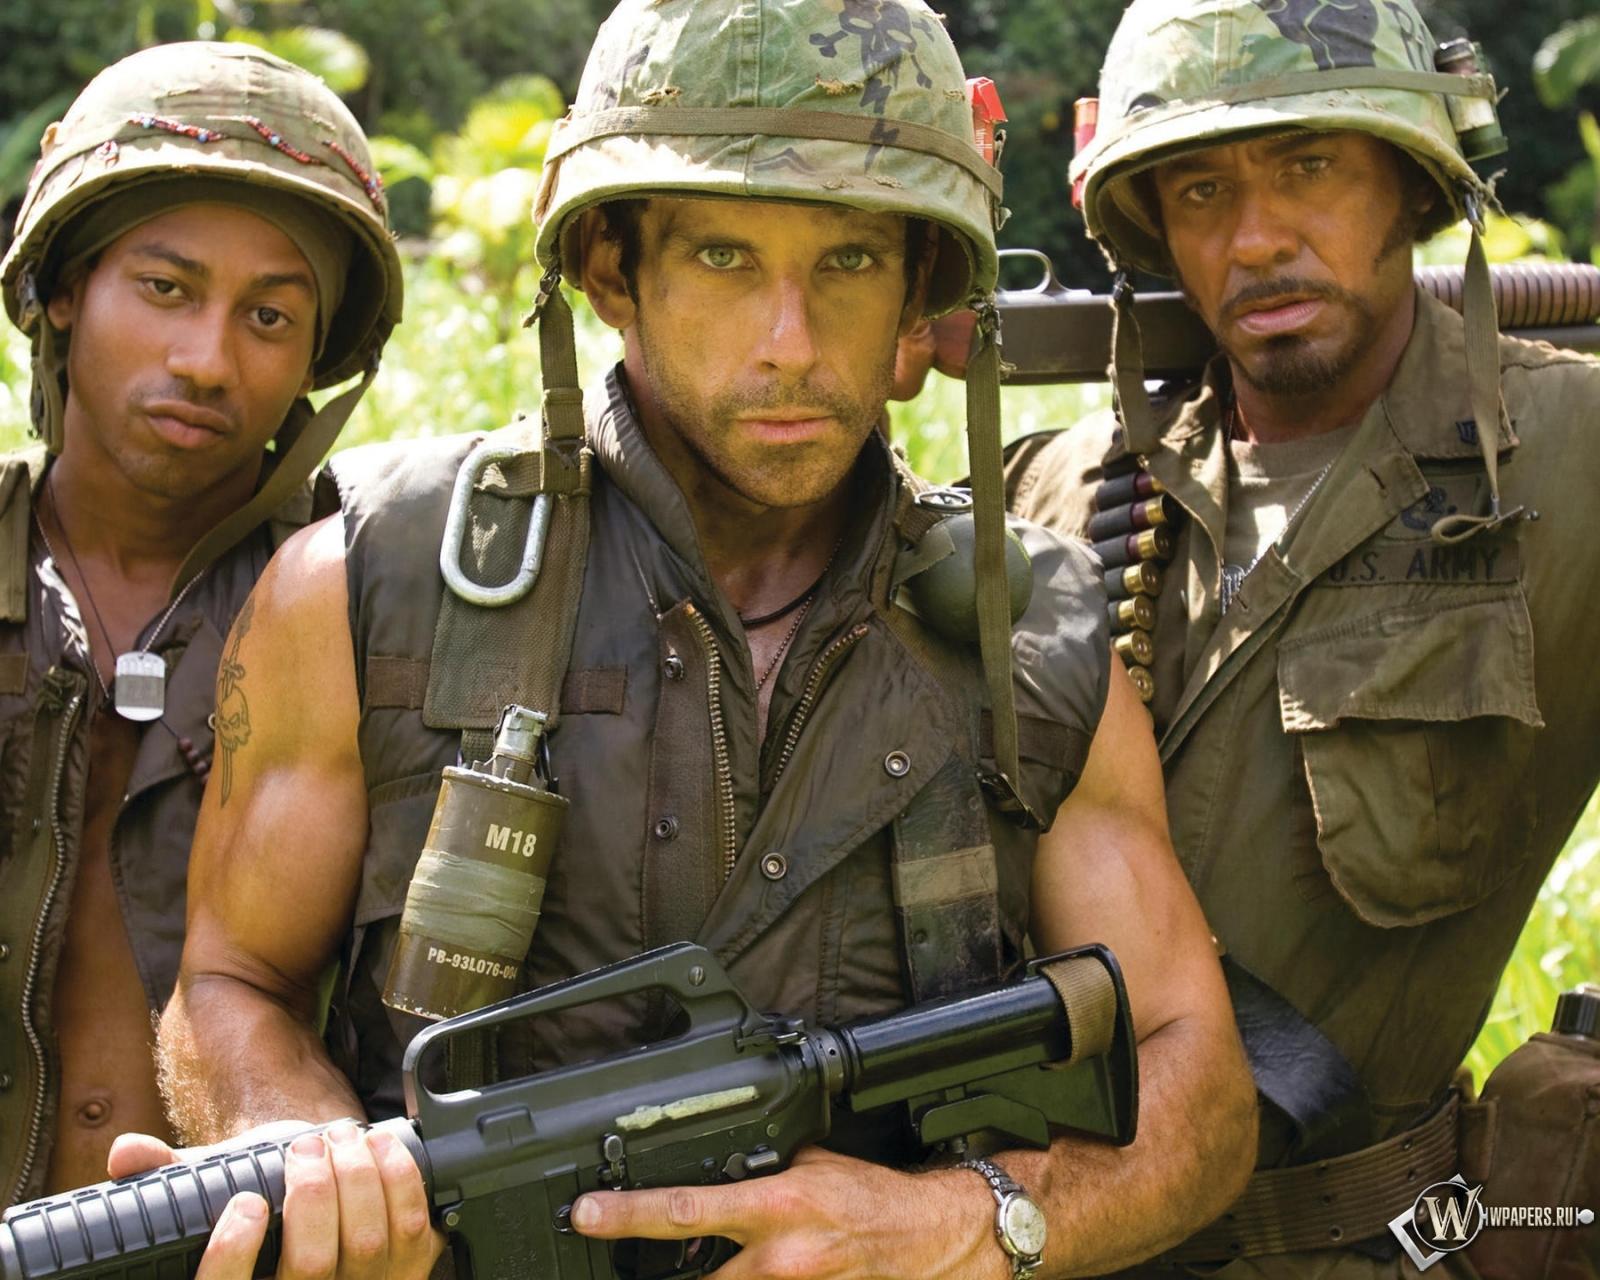 Скачать обои Солдаты неудачи (Оружие, Солдаты, Вьетнам) для ...